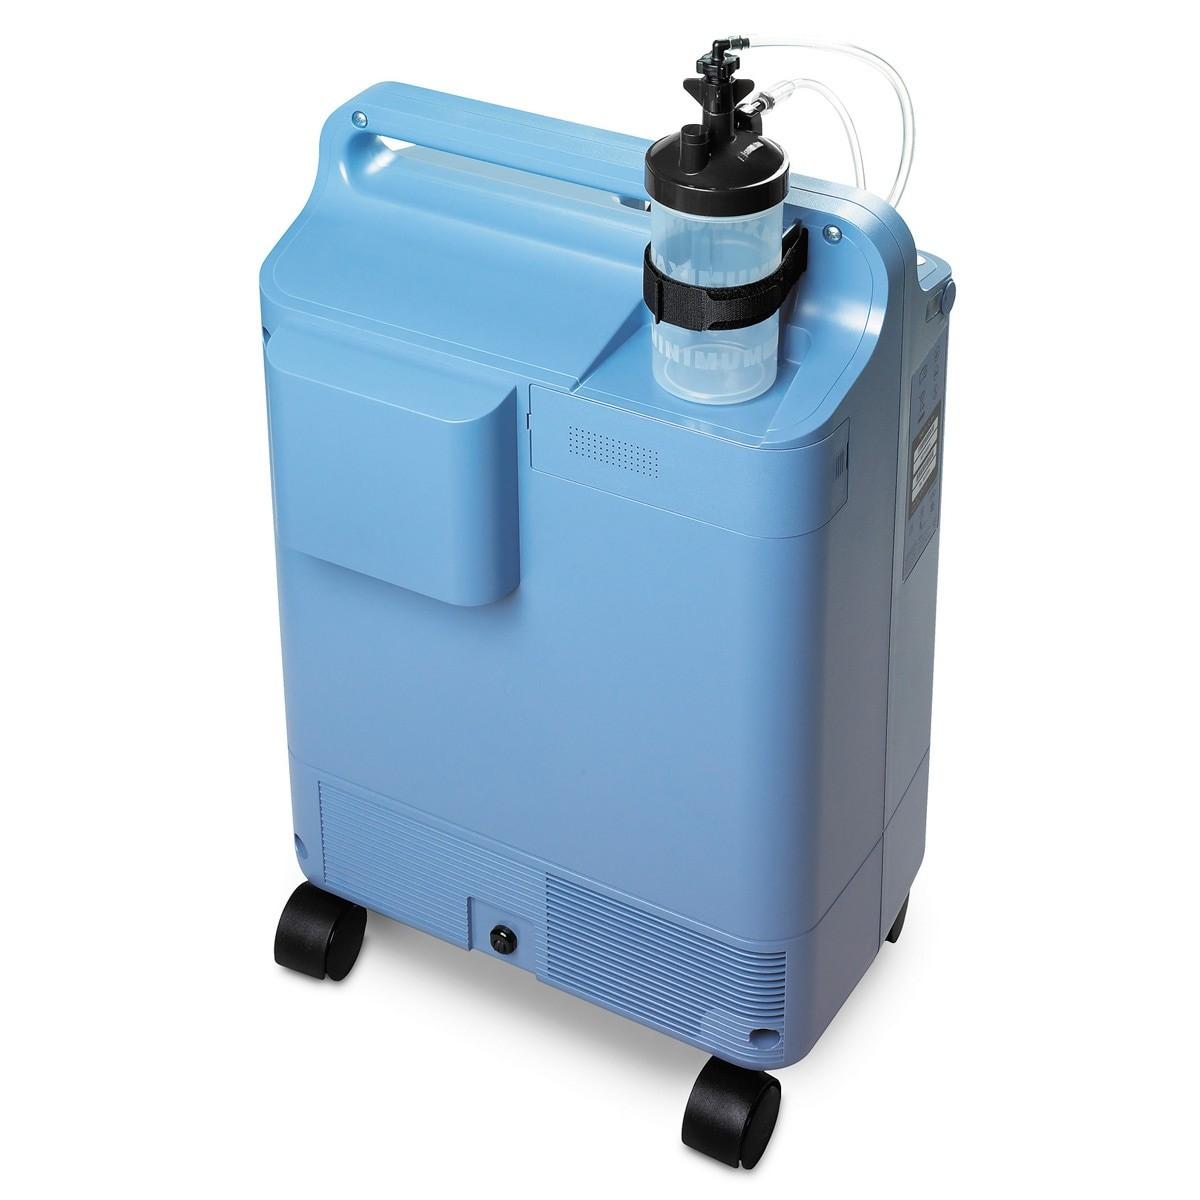 Blue 5 Liter Stationary Oxygen Concentrator Rental